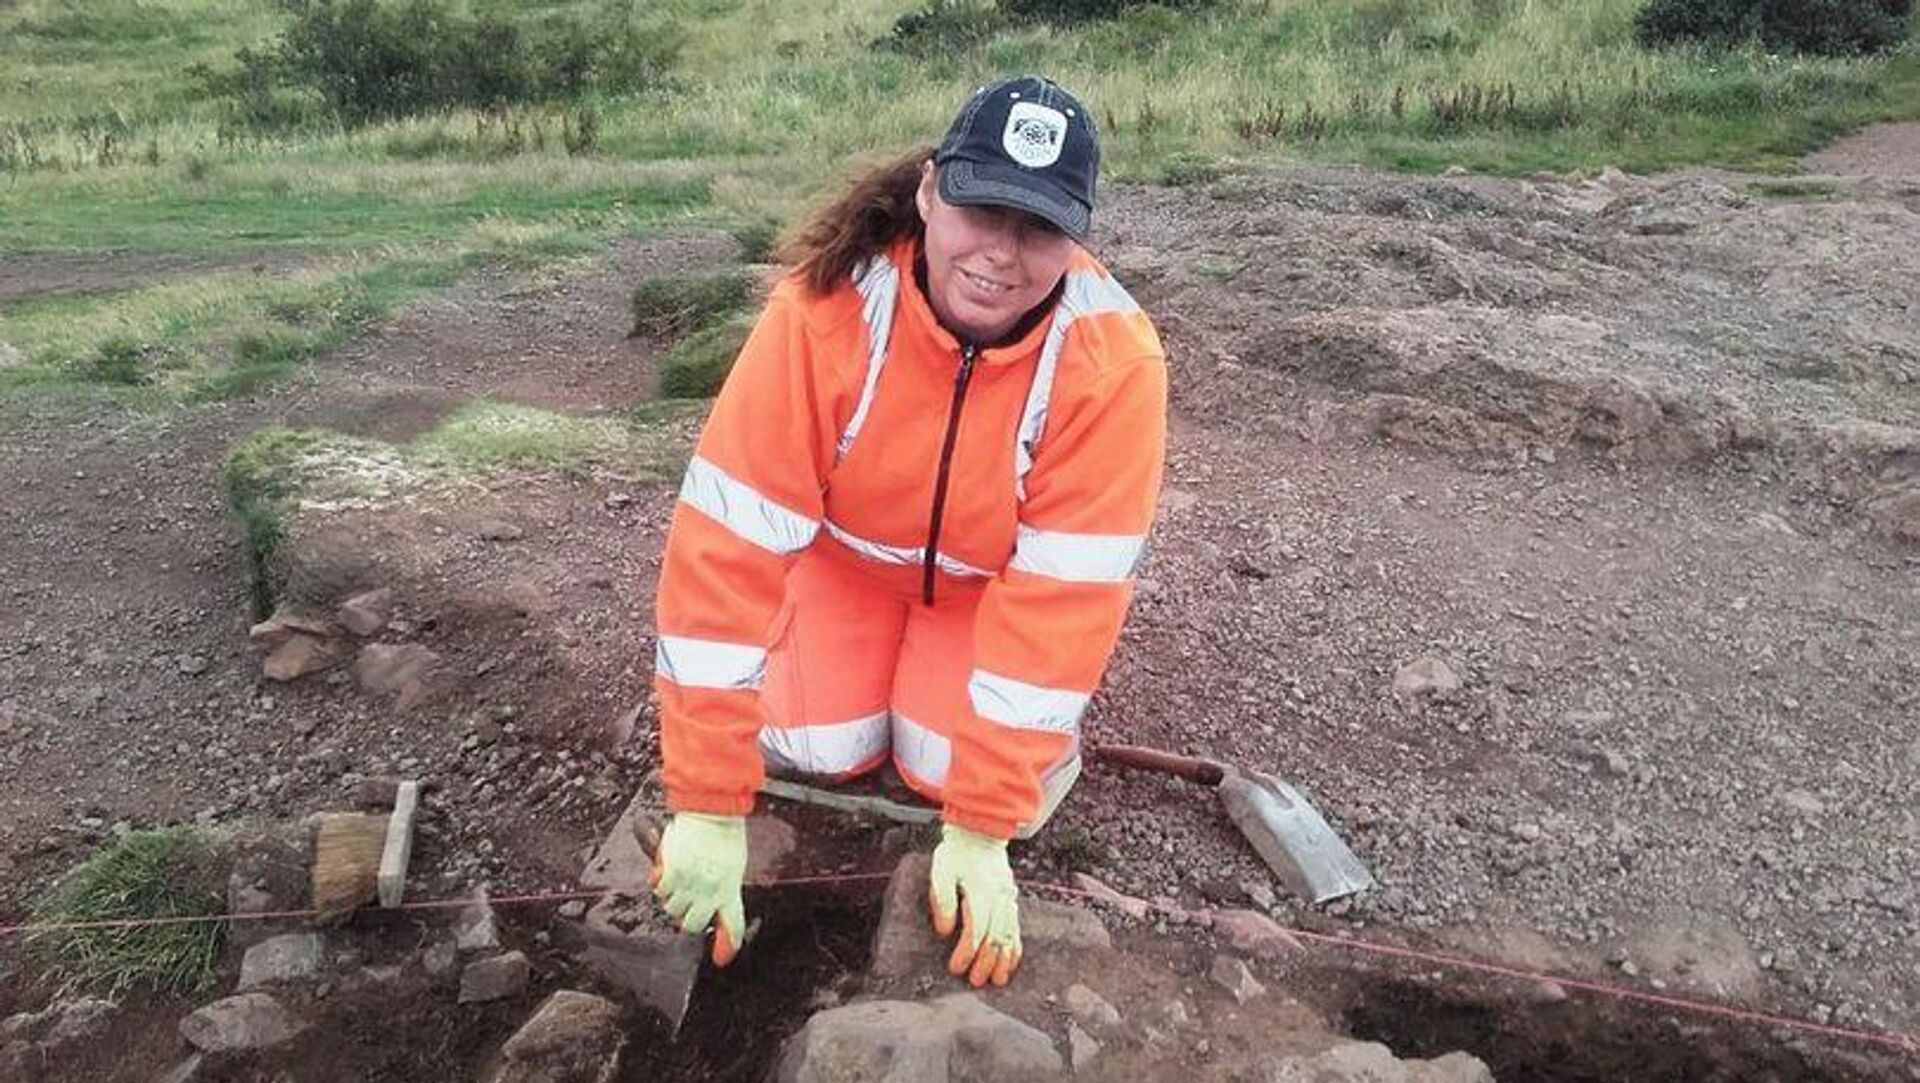 Археолог во время раскопок на горе Трон Артура в Шотландии - РИА Новости, 1920, 09.09.2020